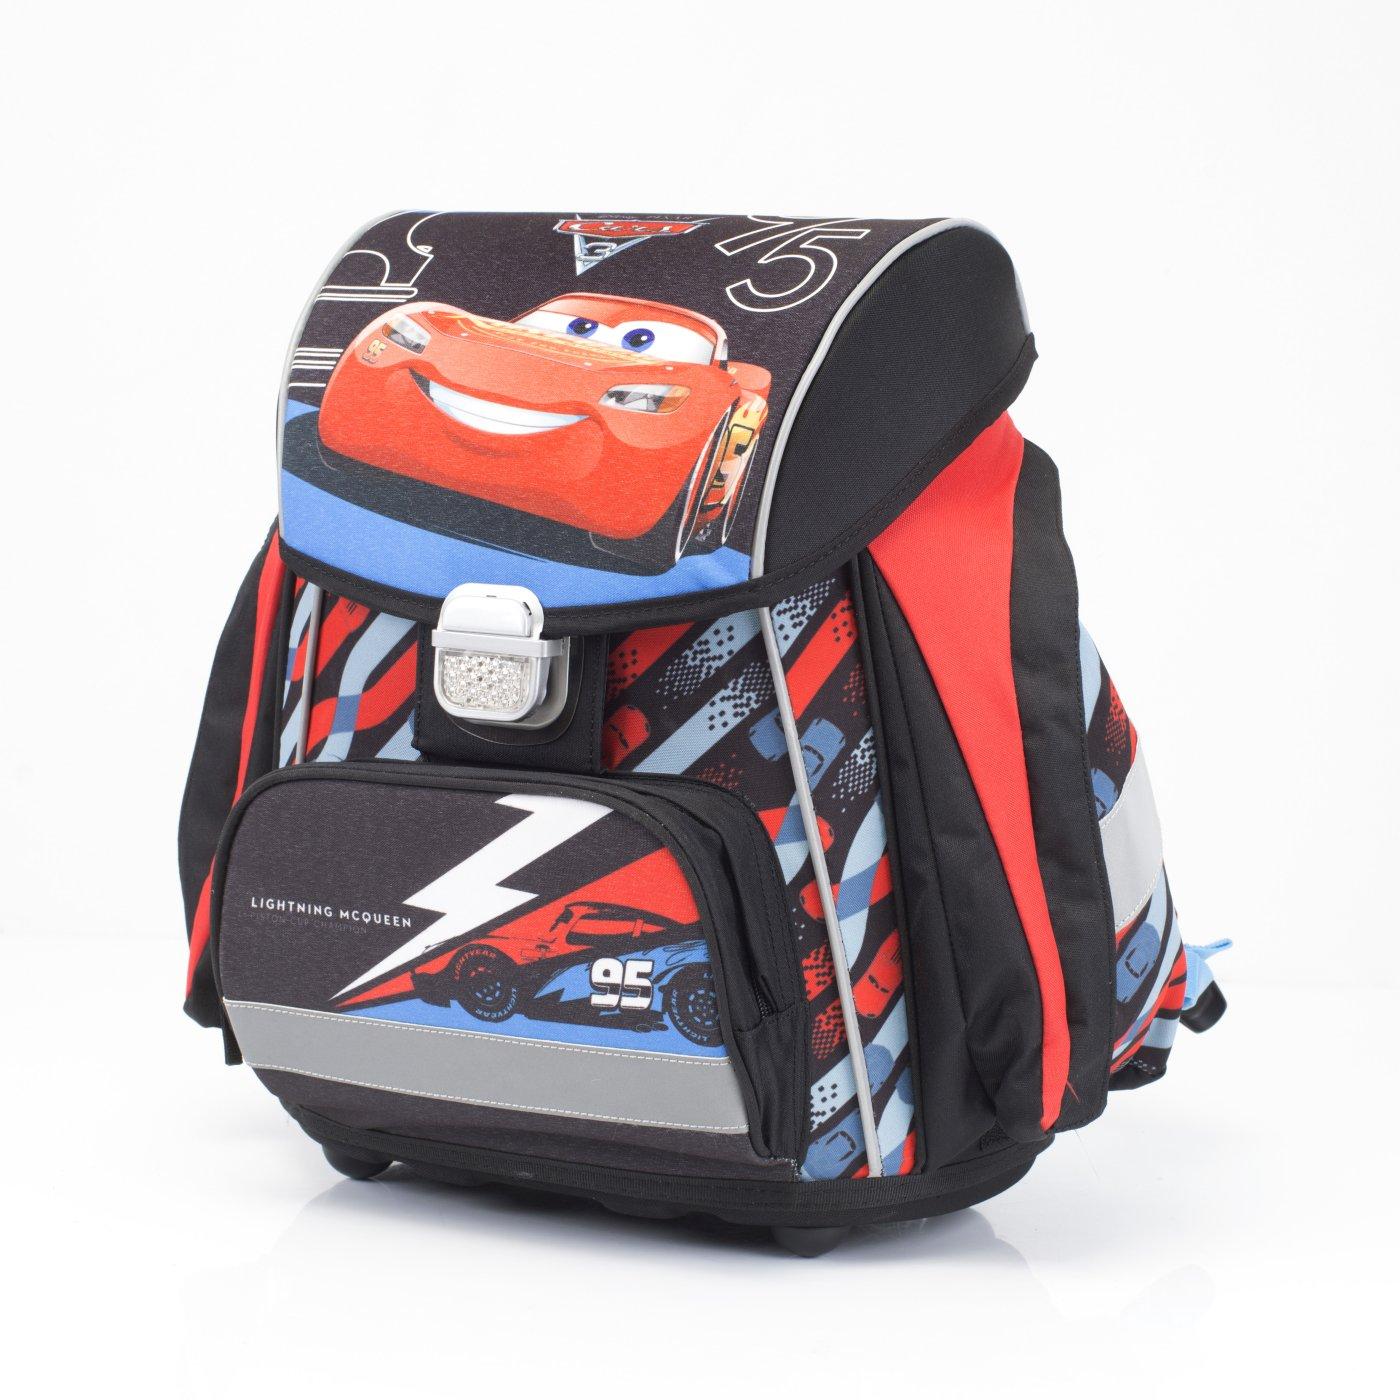 cce132e5d19 Anatomical backpack PREMIUM Cars - Školní potřeby » BATOHY A AKTOVKY ...